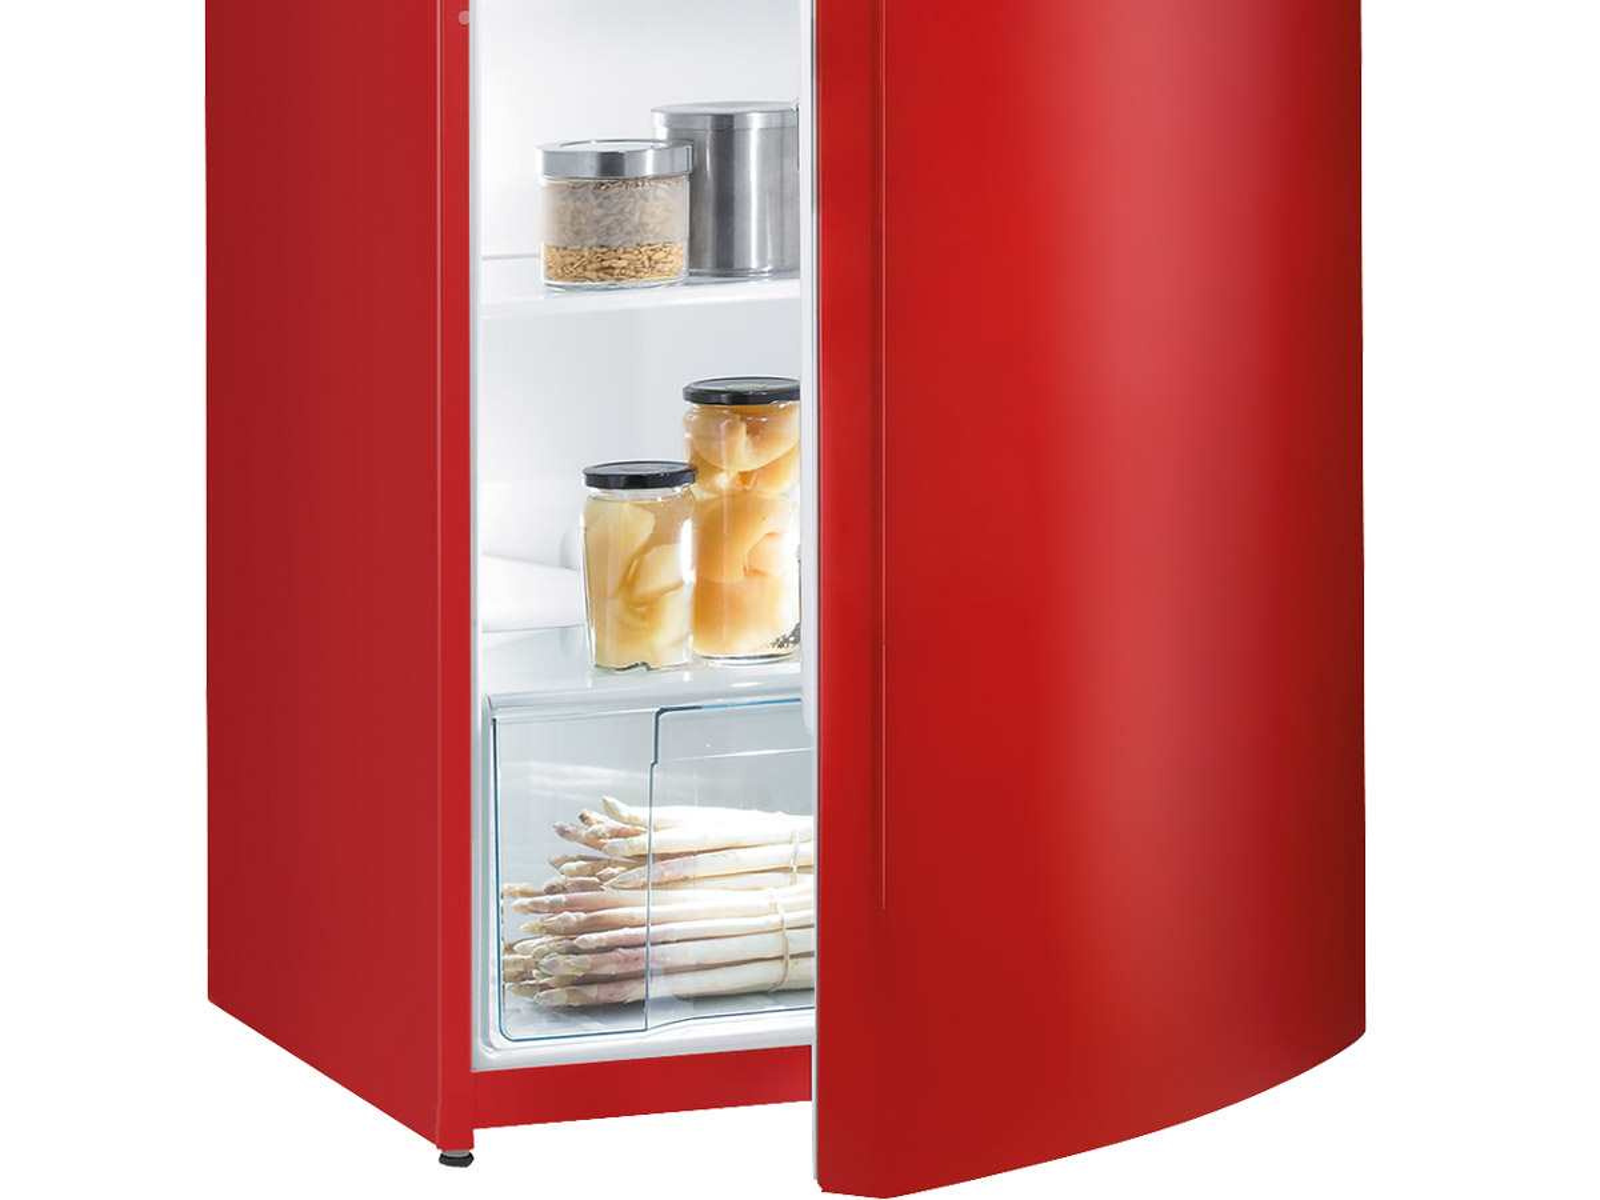 Gorenje Kühlschrank Preisvergleich : Kühlschrank billig kaufen kühl und gefrierschrank küchen kaufen